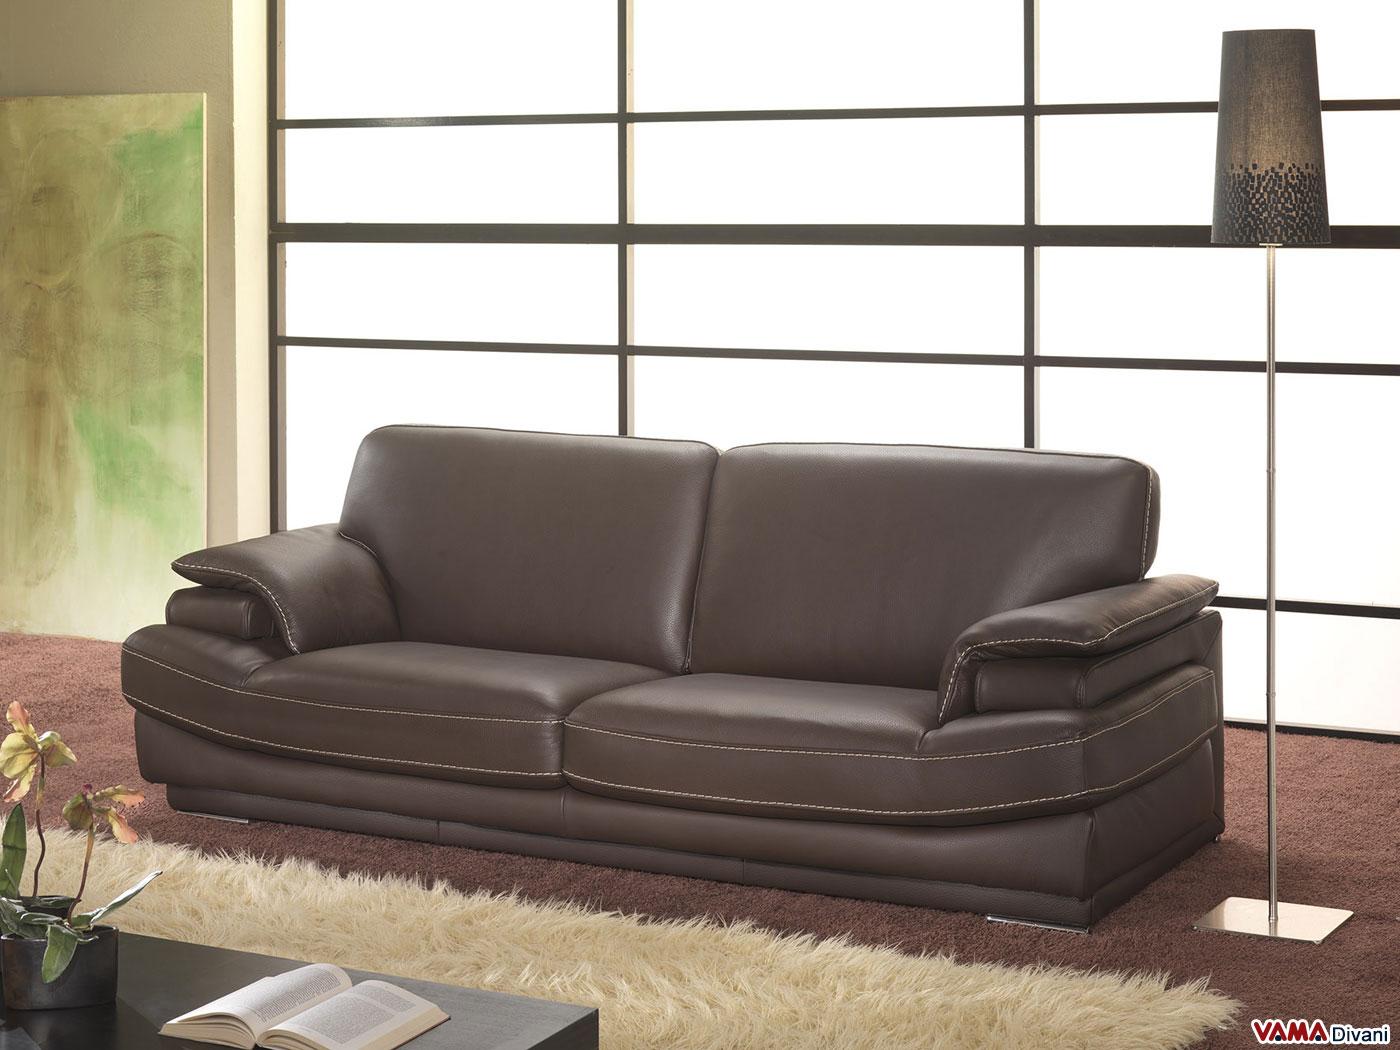 Vama divani blog non solo stili classici tra i divani in for Divani bellissimi moderni